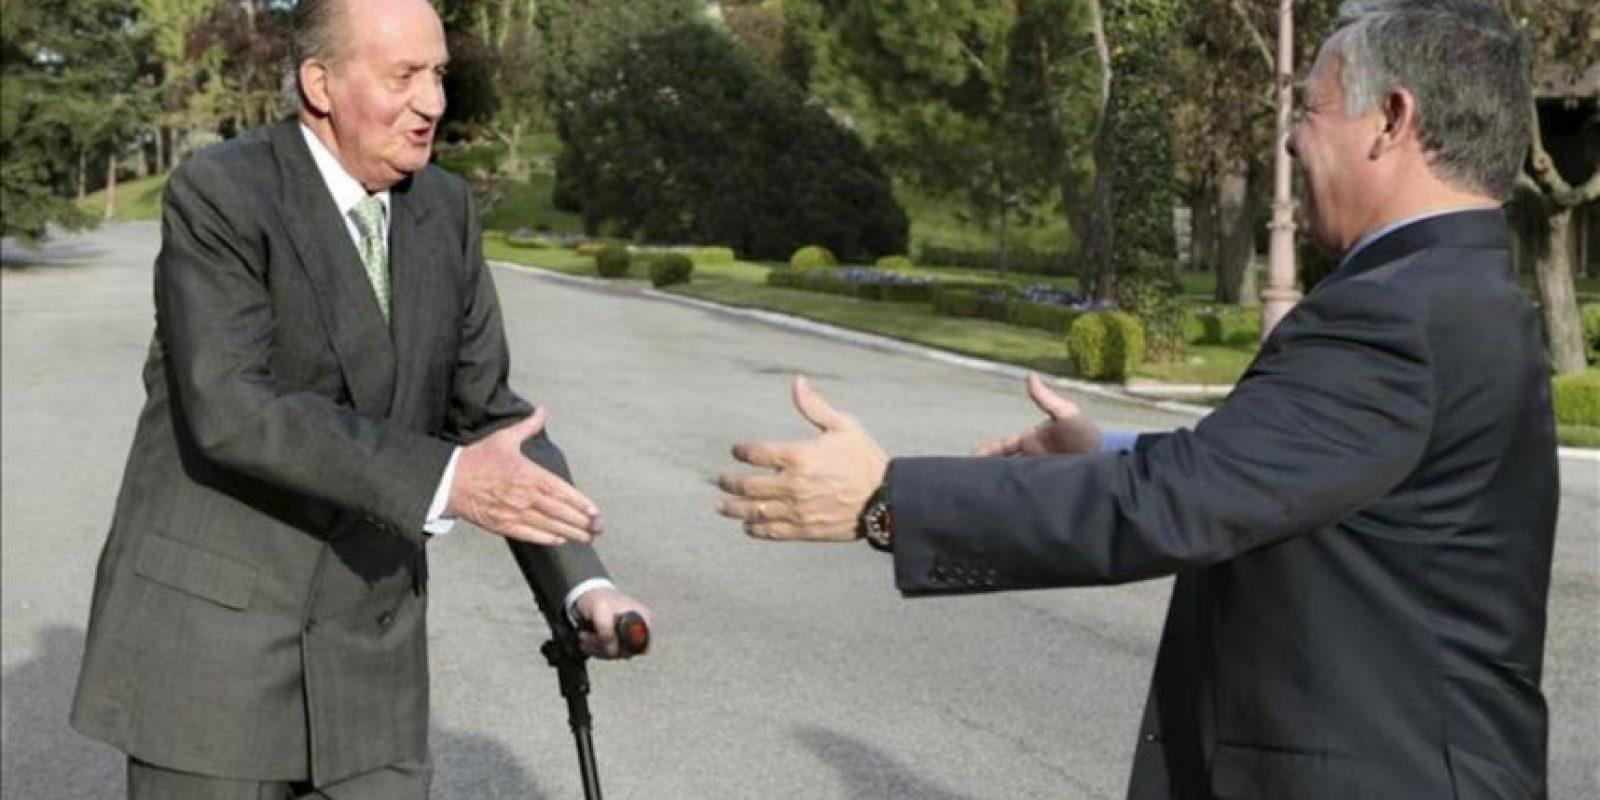 El rey Juan Carlos recibió hoy en su despacho al rey Abdalá II de Jordania, a quien dio la bienvenida a las puertas del Palacio de la Zarzuela, su residencia oficial en Madrid. EFE